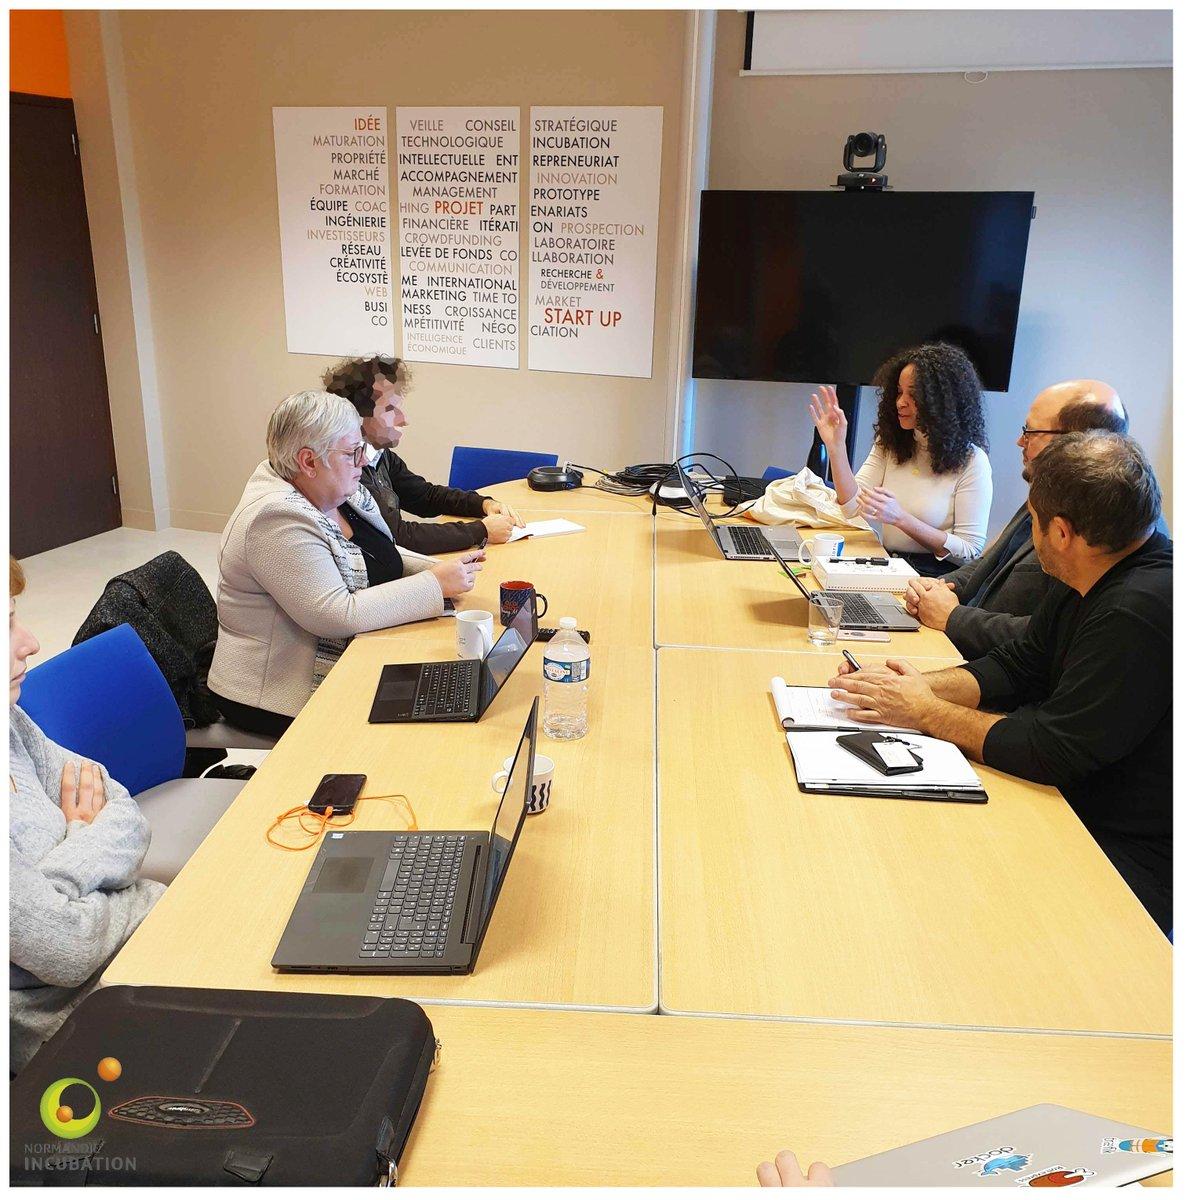 Présentation de Cloud Starter, l'offre #cloud d'Orange Business Services dédiée aux #startups. #accompagnement #financement #outils #entrepreneuriat #Normandie https://t.co/vac0DxPxqq